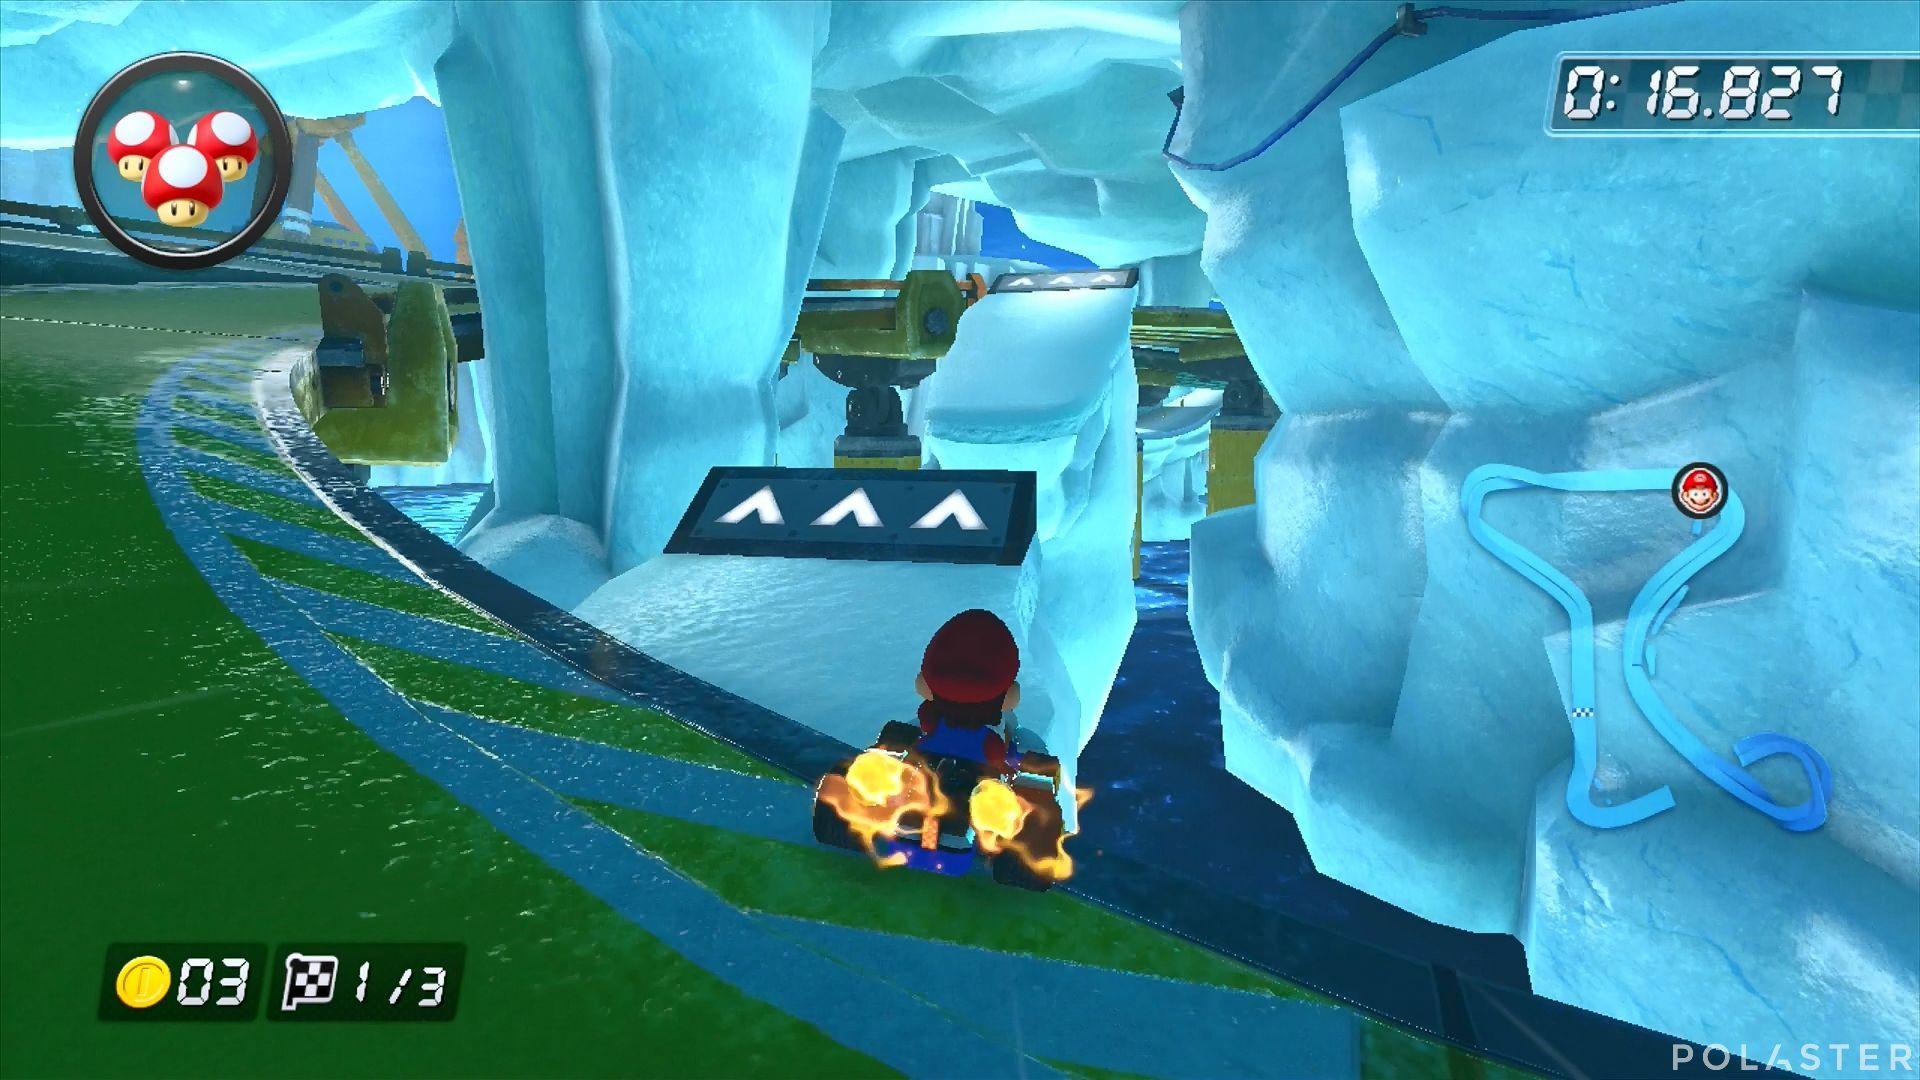 Mario Kart 8 - Base Polar